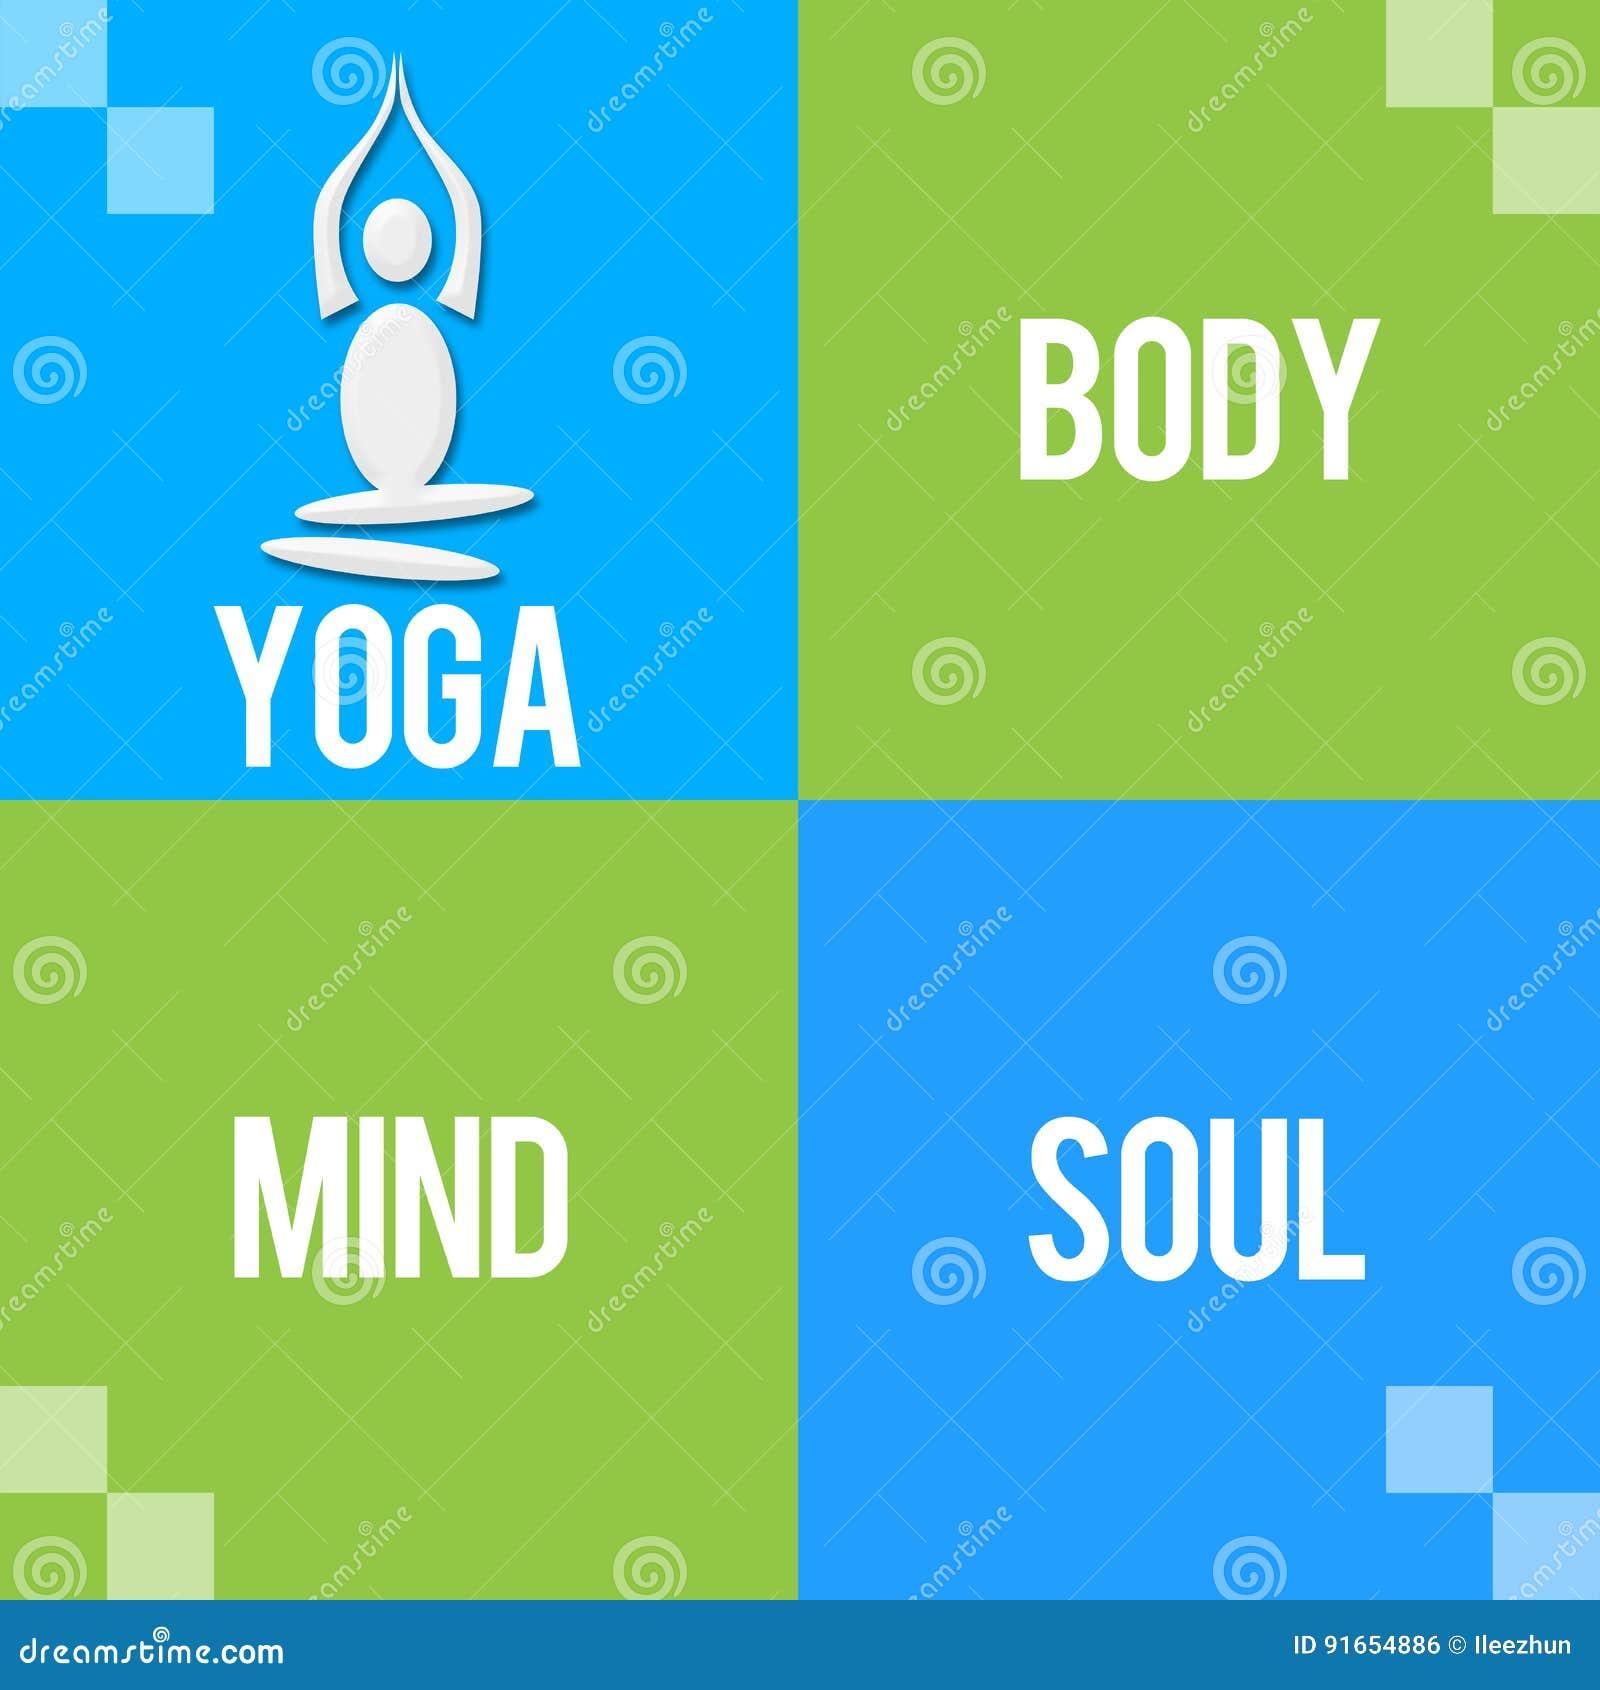 Bloques Azulverdes Del Alma De La Mente Del Cuerpo De La Yoga Cuatro ... acf616736604